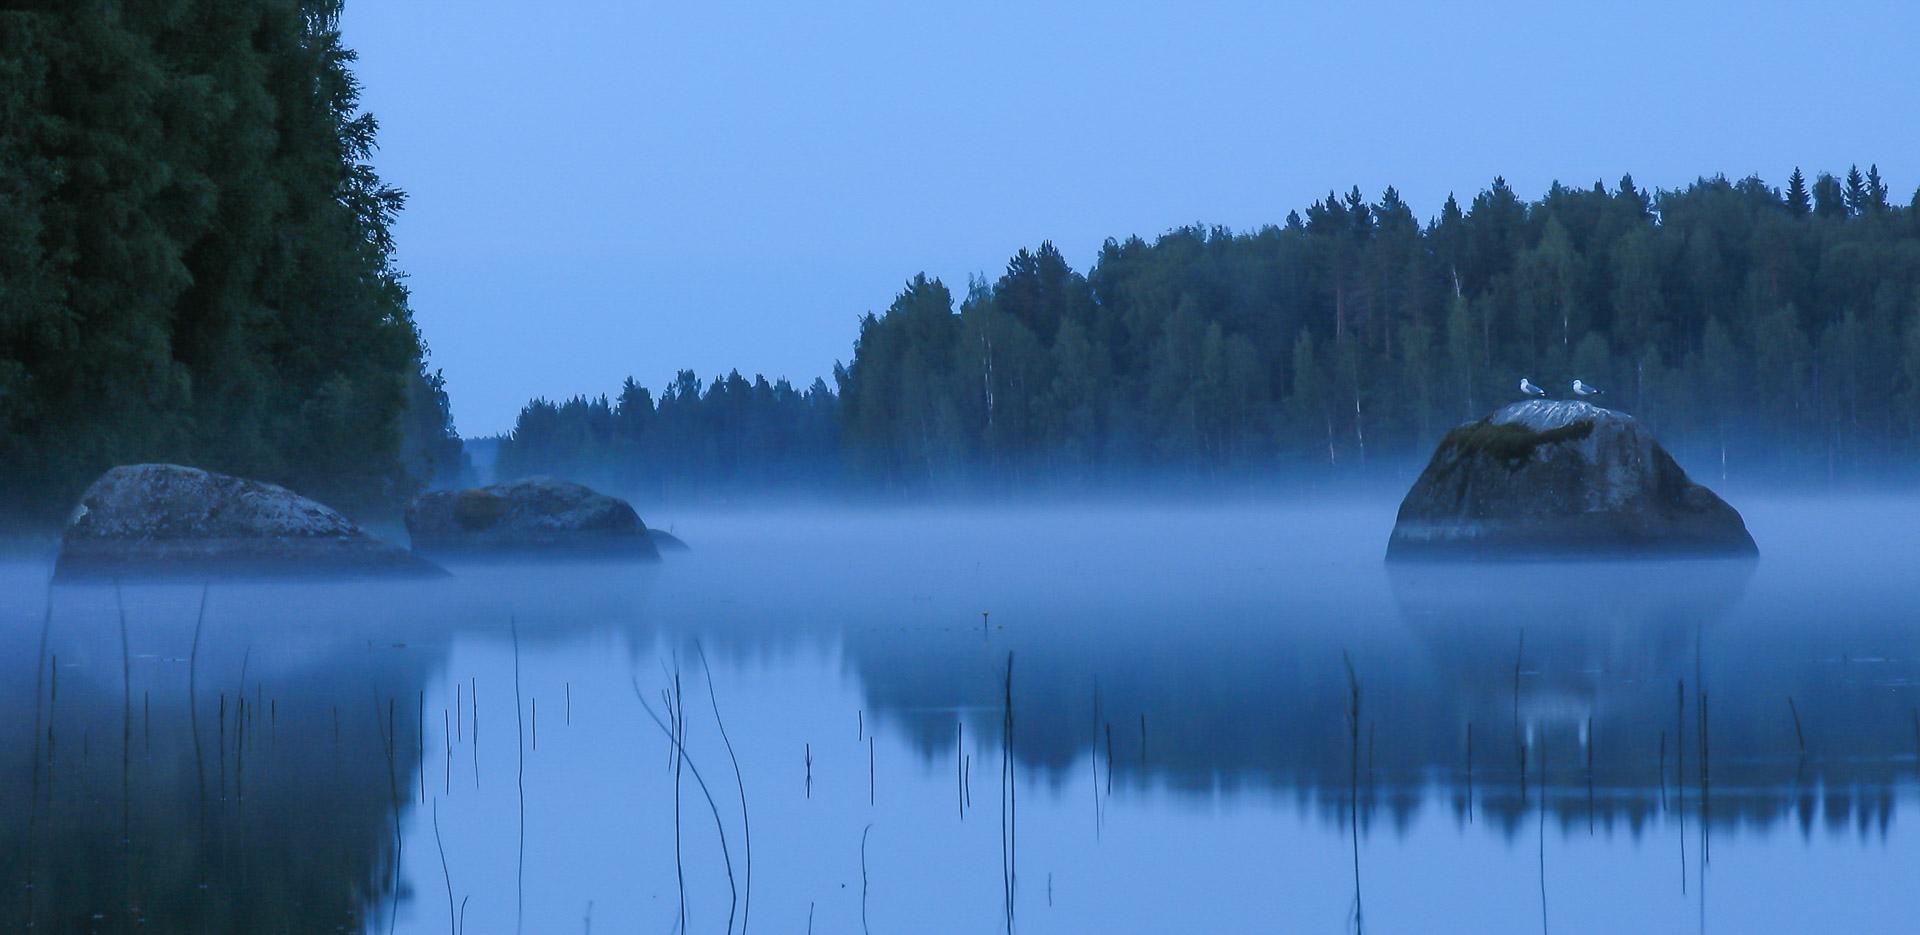 04_Lokit_Jukka_Ikaheimo